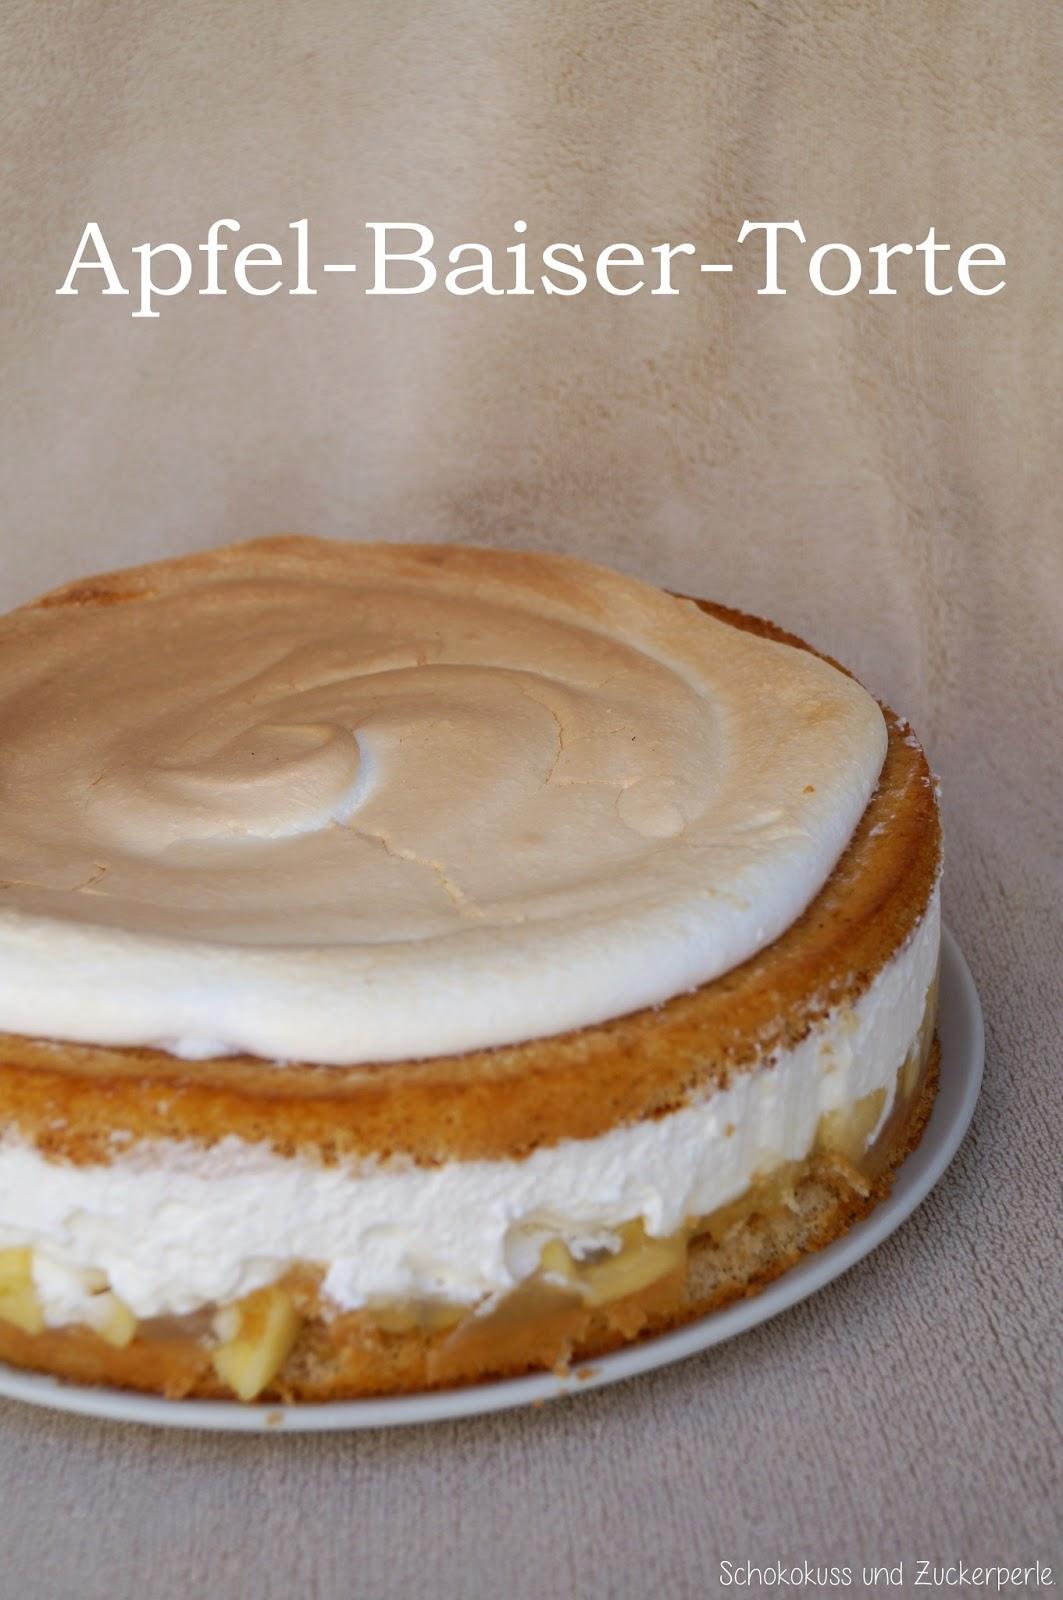 Apfel Baiser Torte Schokokuss Und Zuckerperle